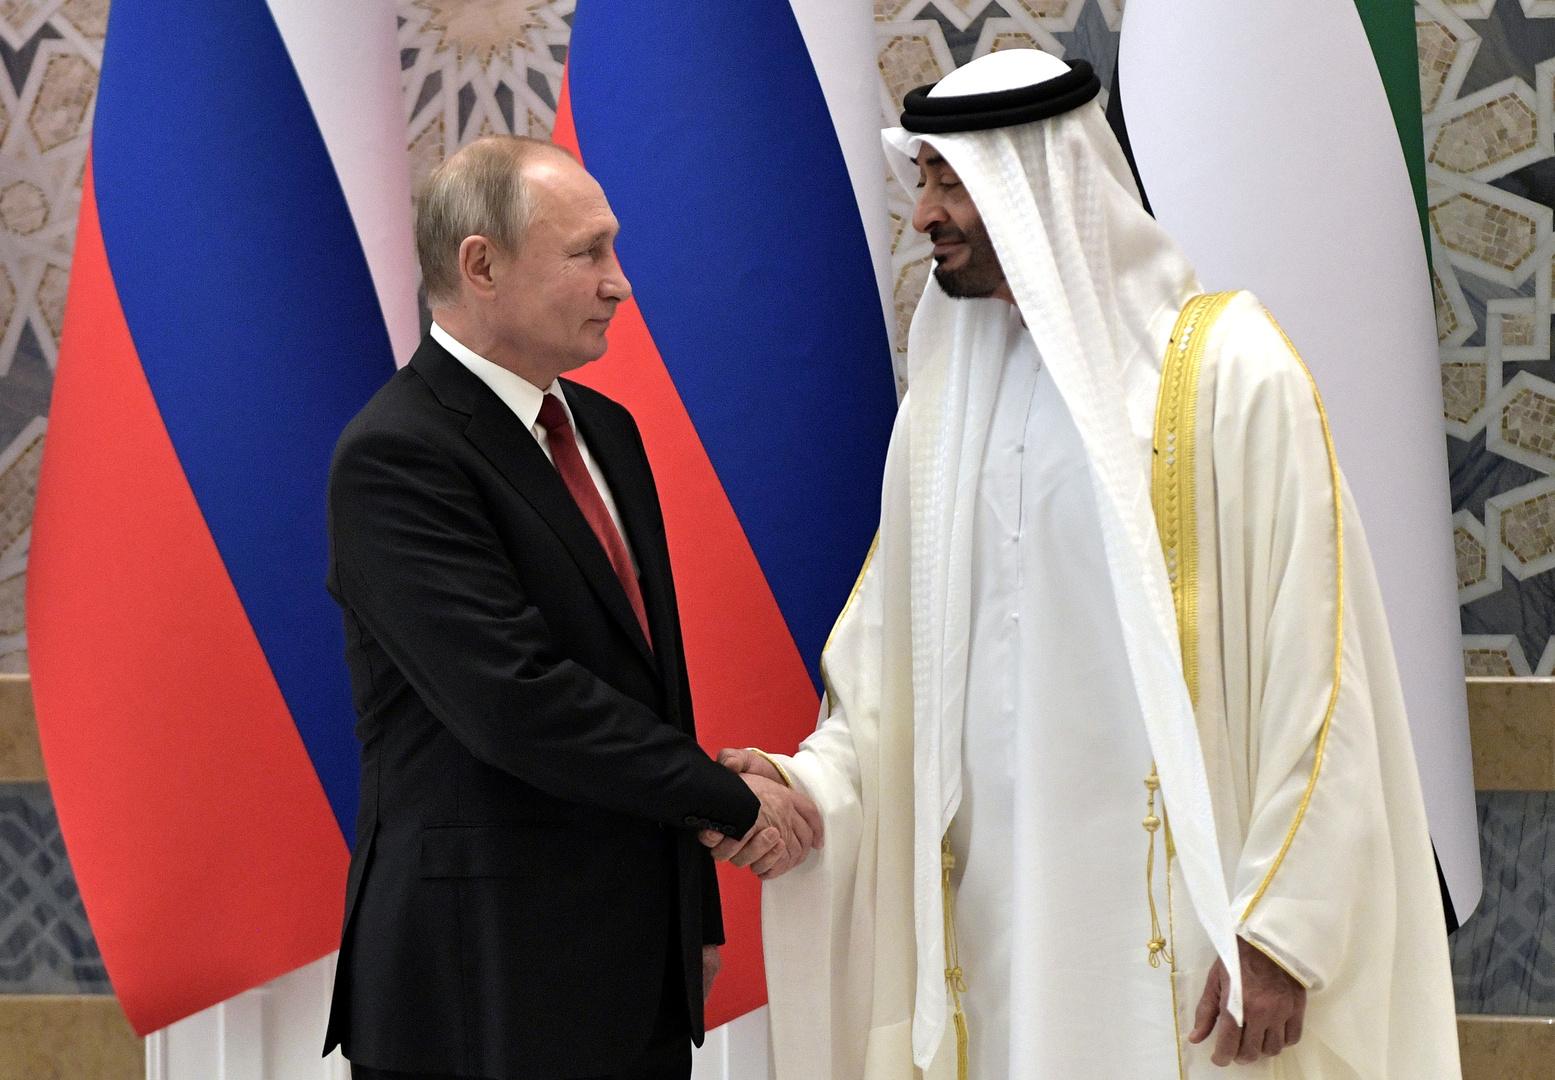 الإمارات تشكر روسيا على تزويدها بأجهزة الكشف عن كورونا